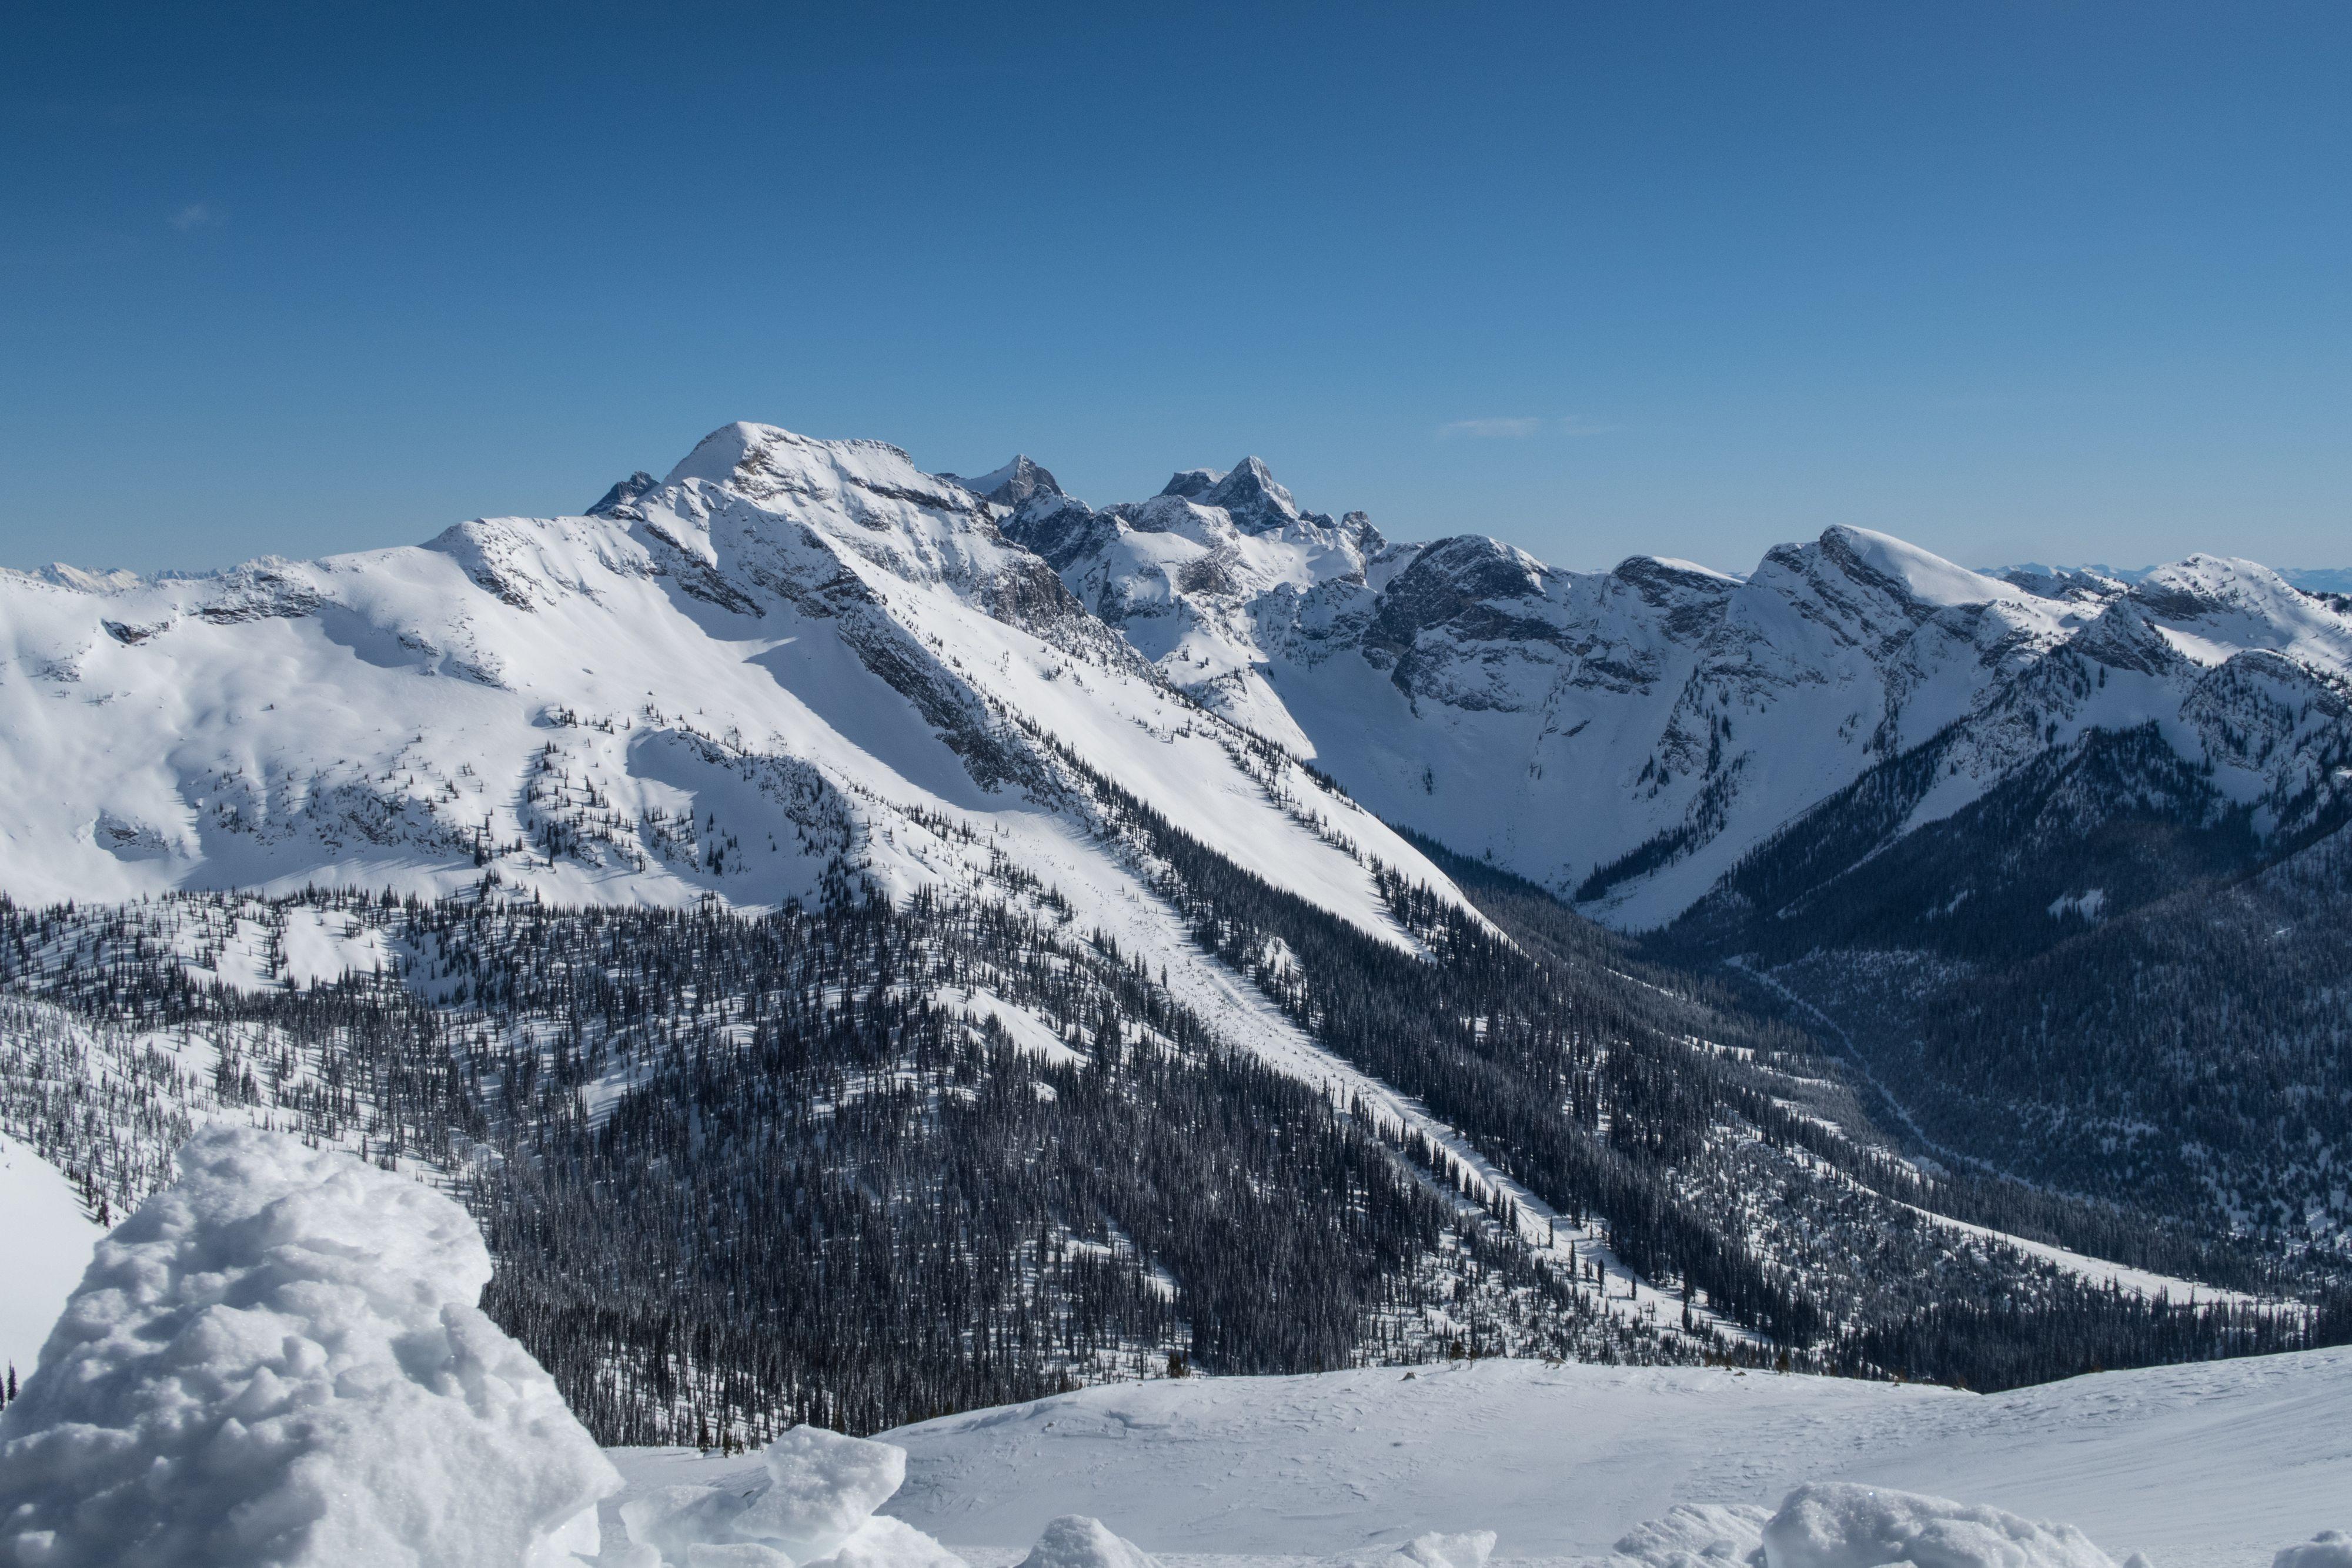 Tracez un itinéraire sûr qui part de la vallée et qui se rend en zone alpine.